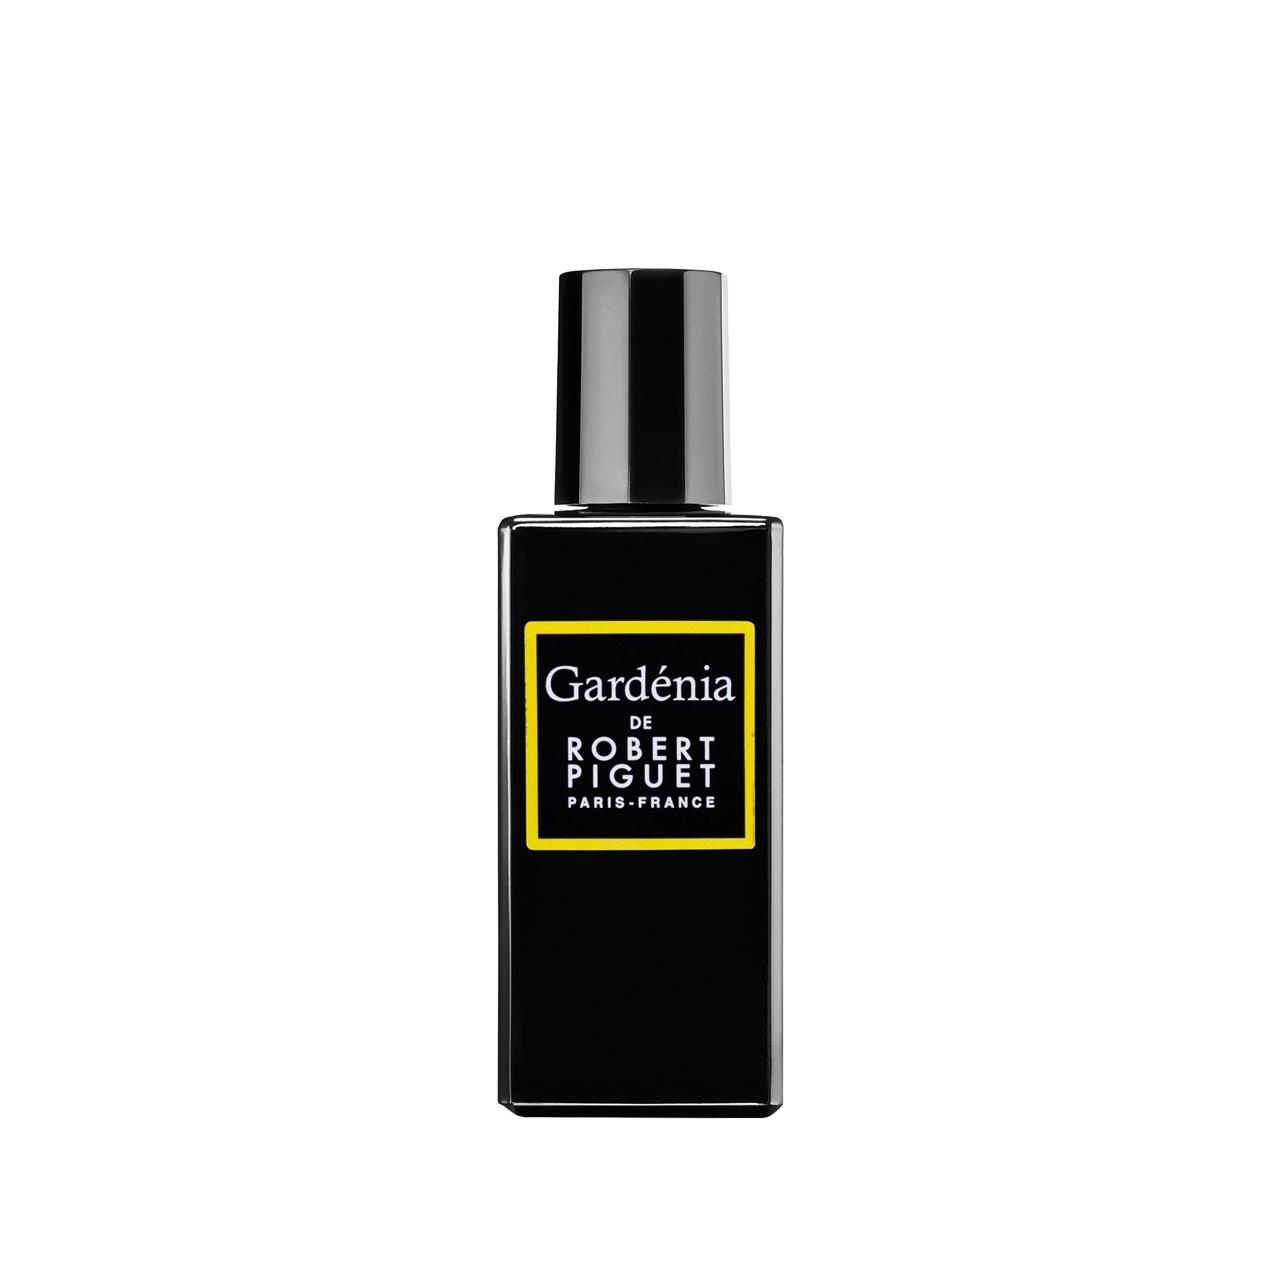 Gardenia - Eau de Parfum